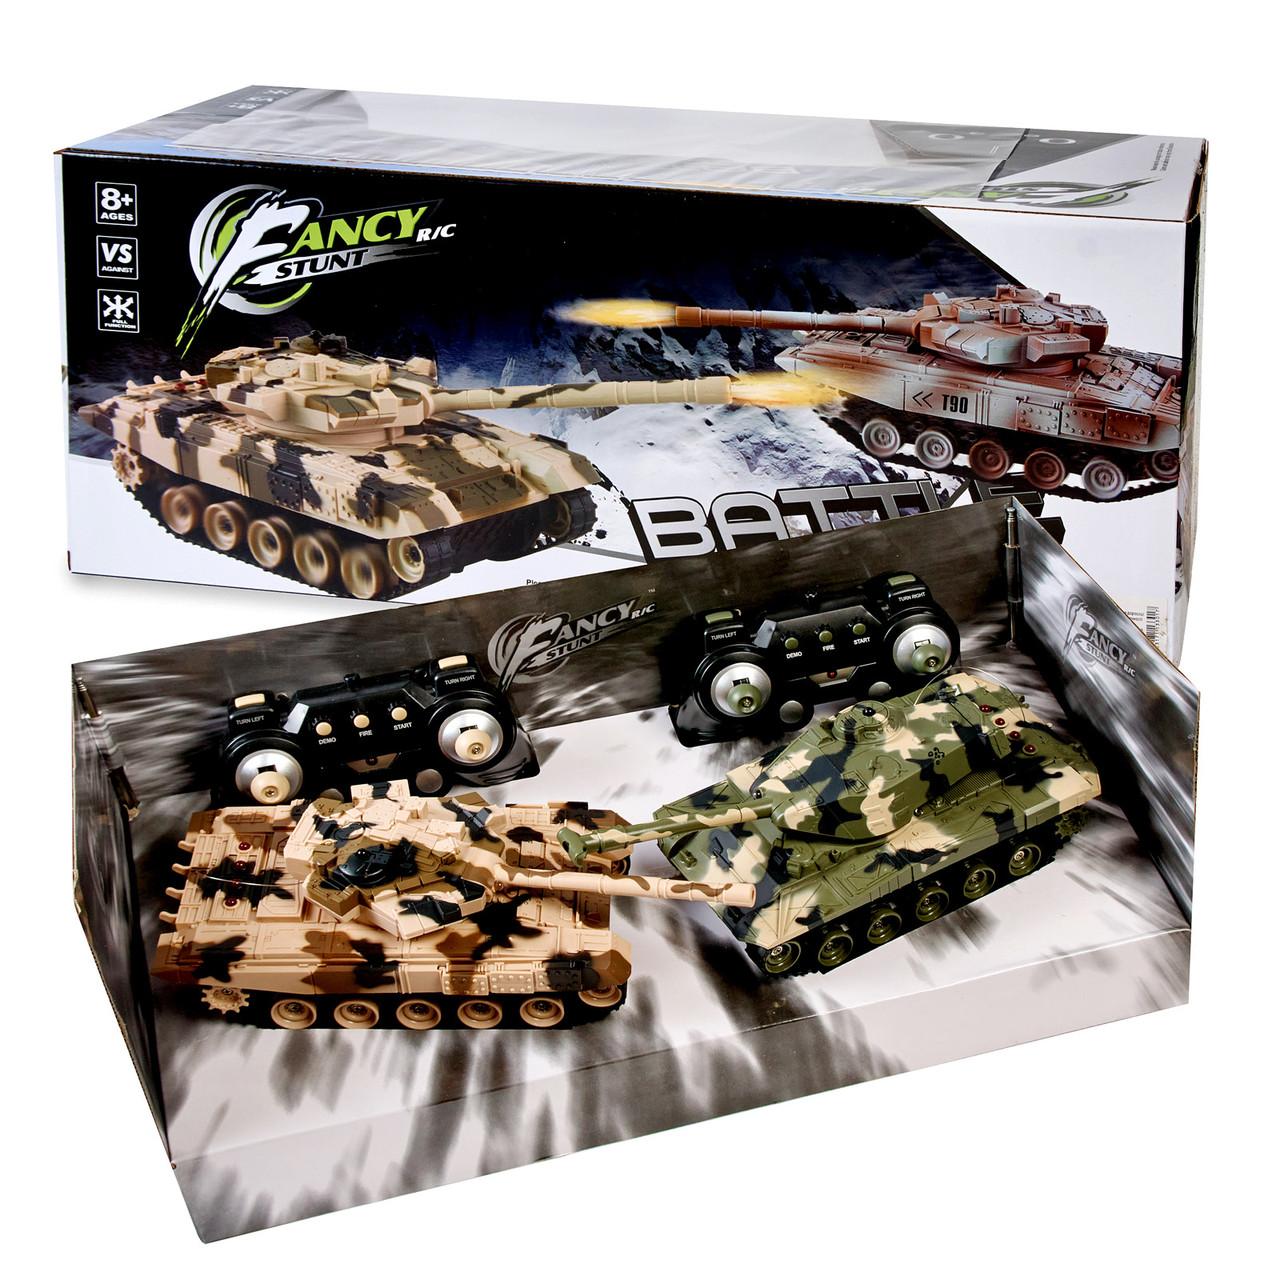 ВІДЕООГЛЯД! Ігровий набір з 2 танків на радіоуправлінні з акумуляторами. Танк на радіокеруванні.